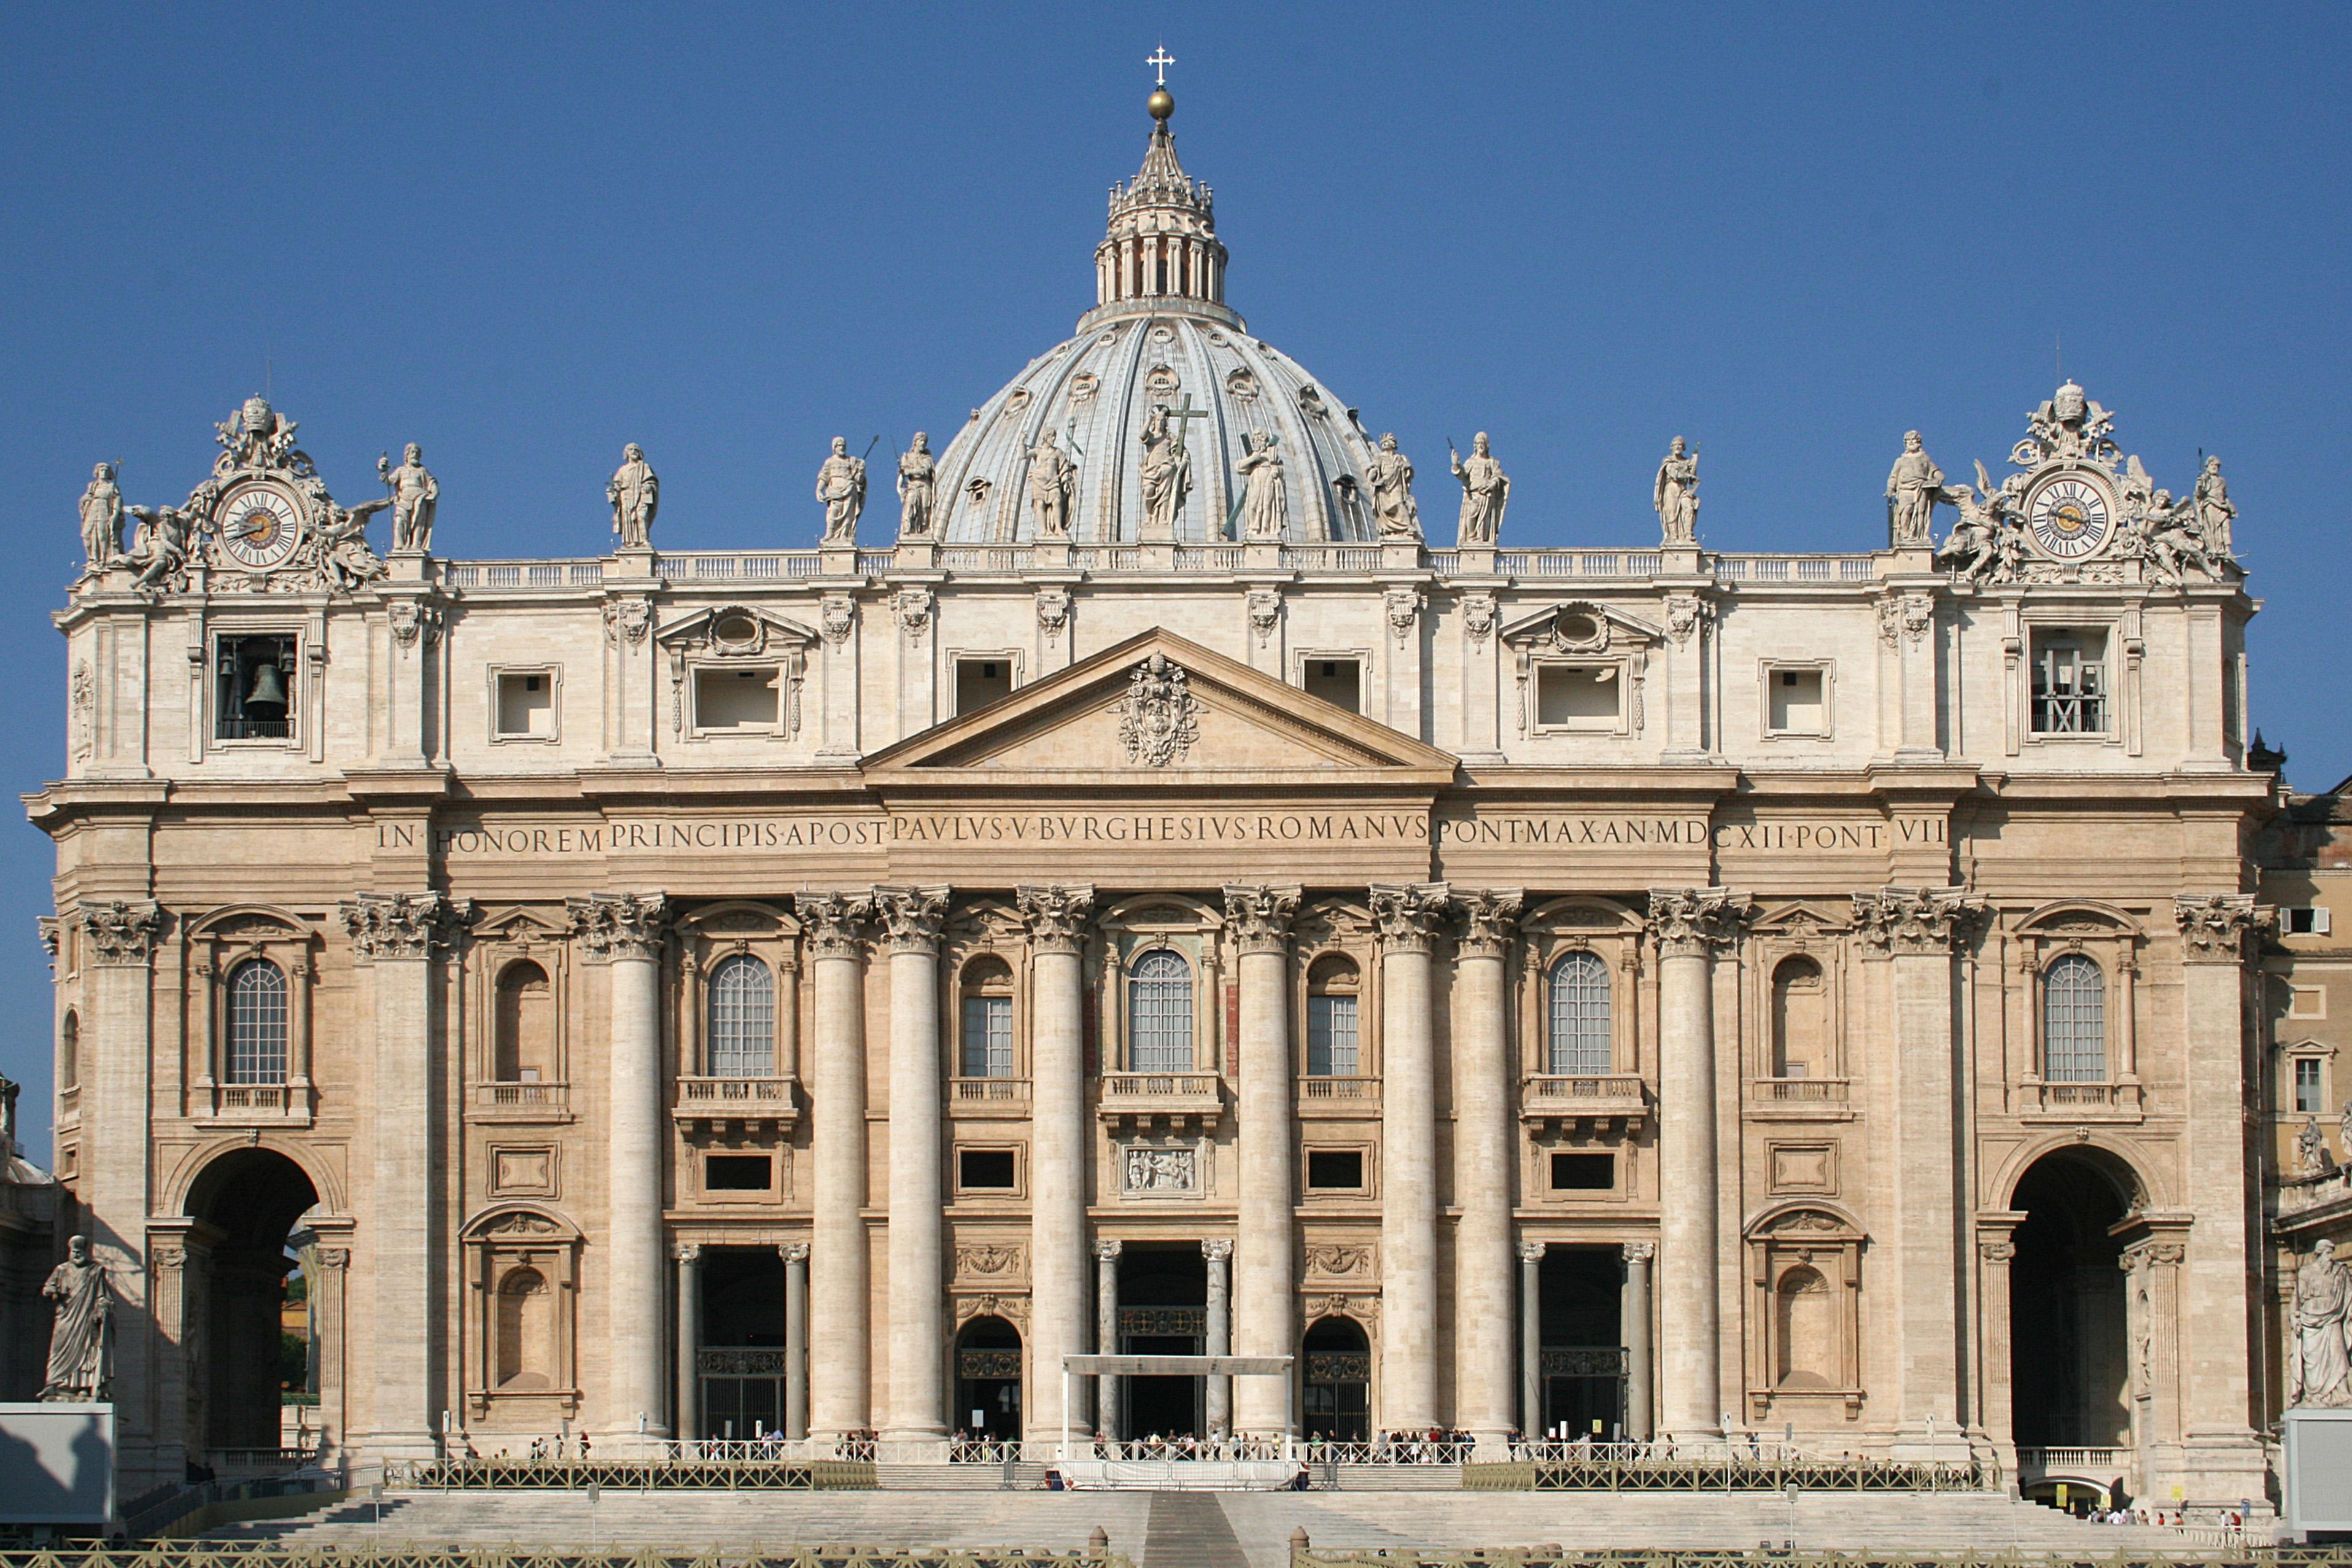 Basilique Saint-Pierre à Rome, 1506-1626 @ Wikipedia